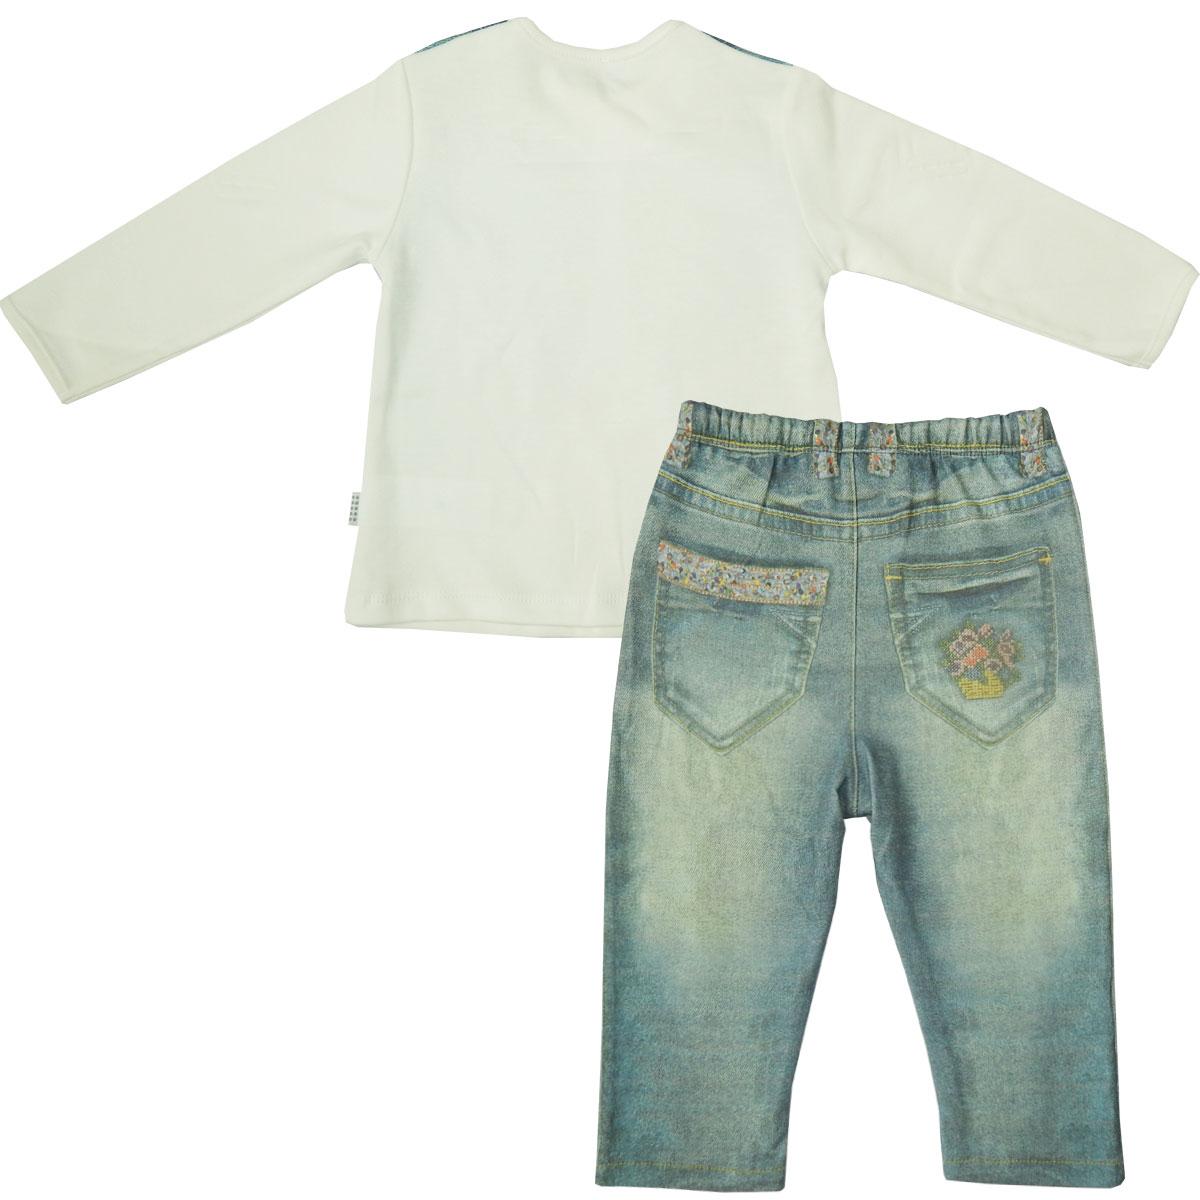 Купить Комплект 2 пр. Папитто для девочки Fashion Jeans 593-05 р.22-74, Комплекты для новорожденных